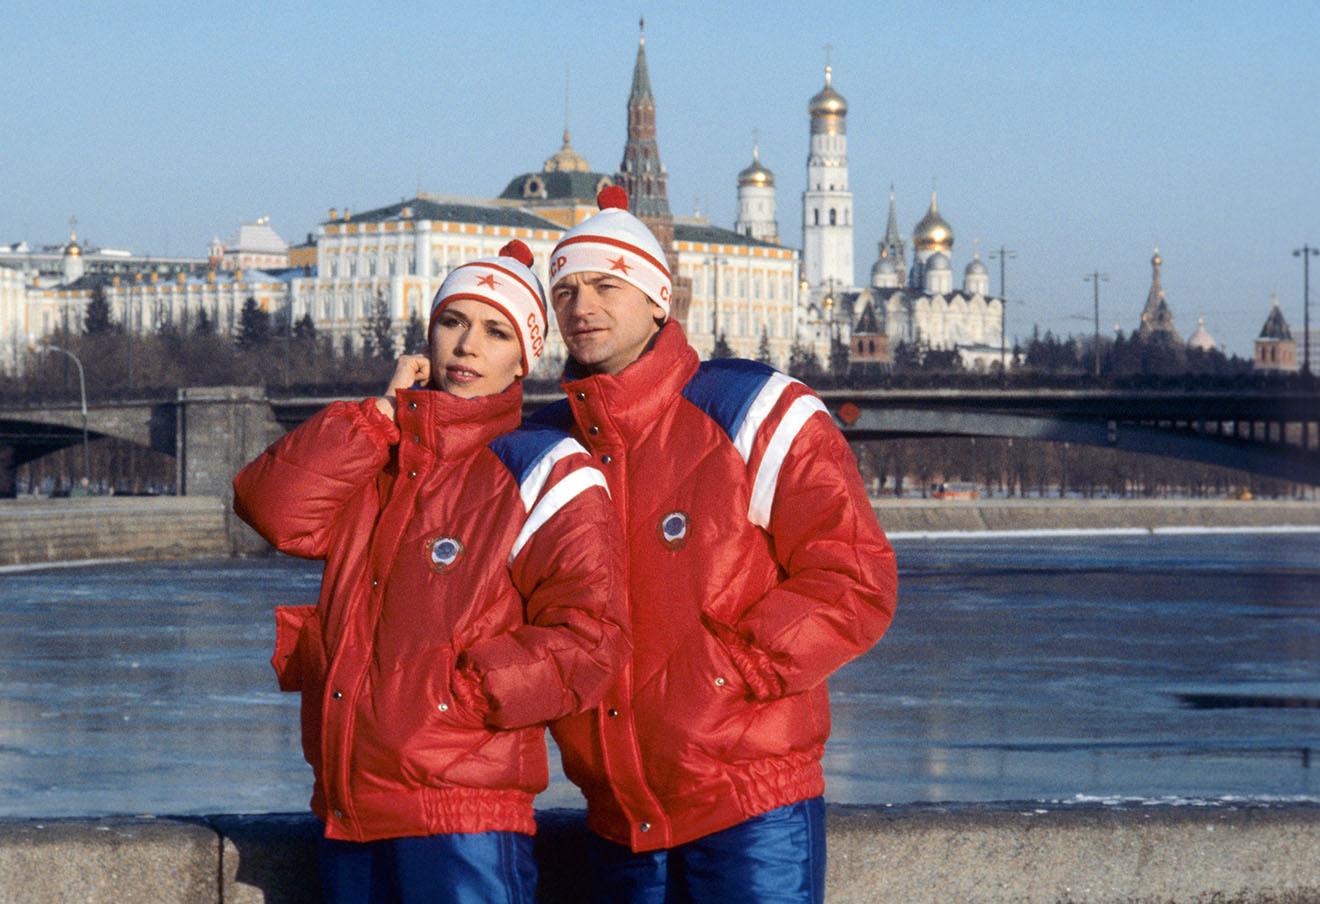 Зимние костюмы для советских олимпийцев к играм 1984 года. Фото Валерия Зуфарова и Вячеслава Ун Да-сина / Фотохроника ТАСС